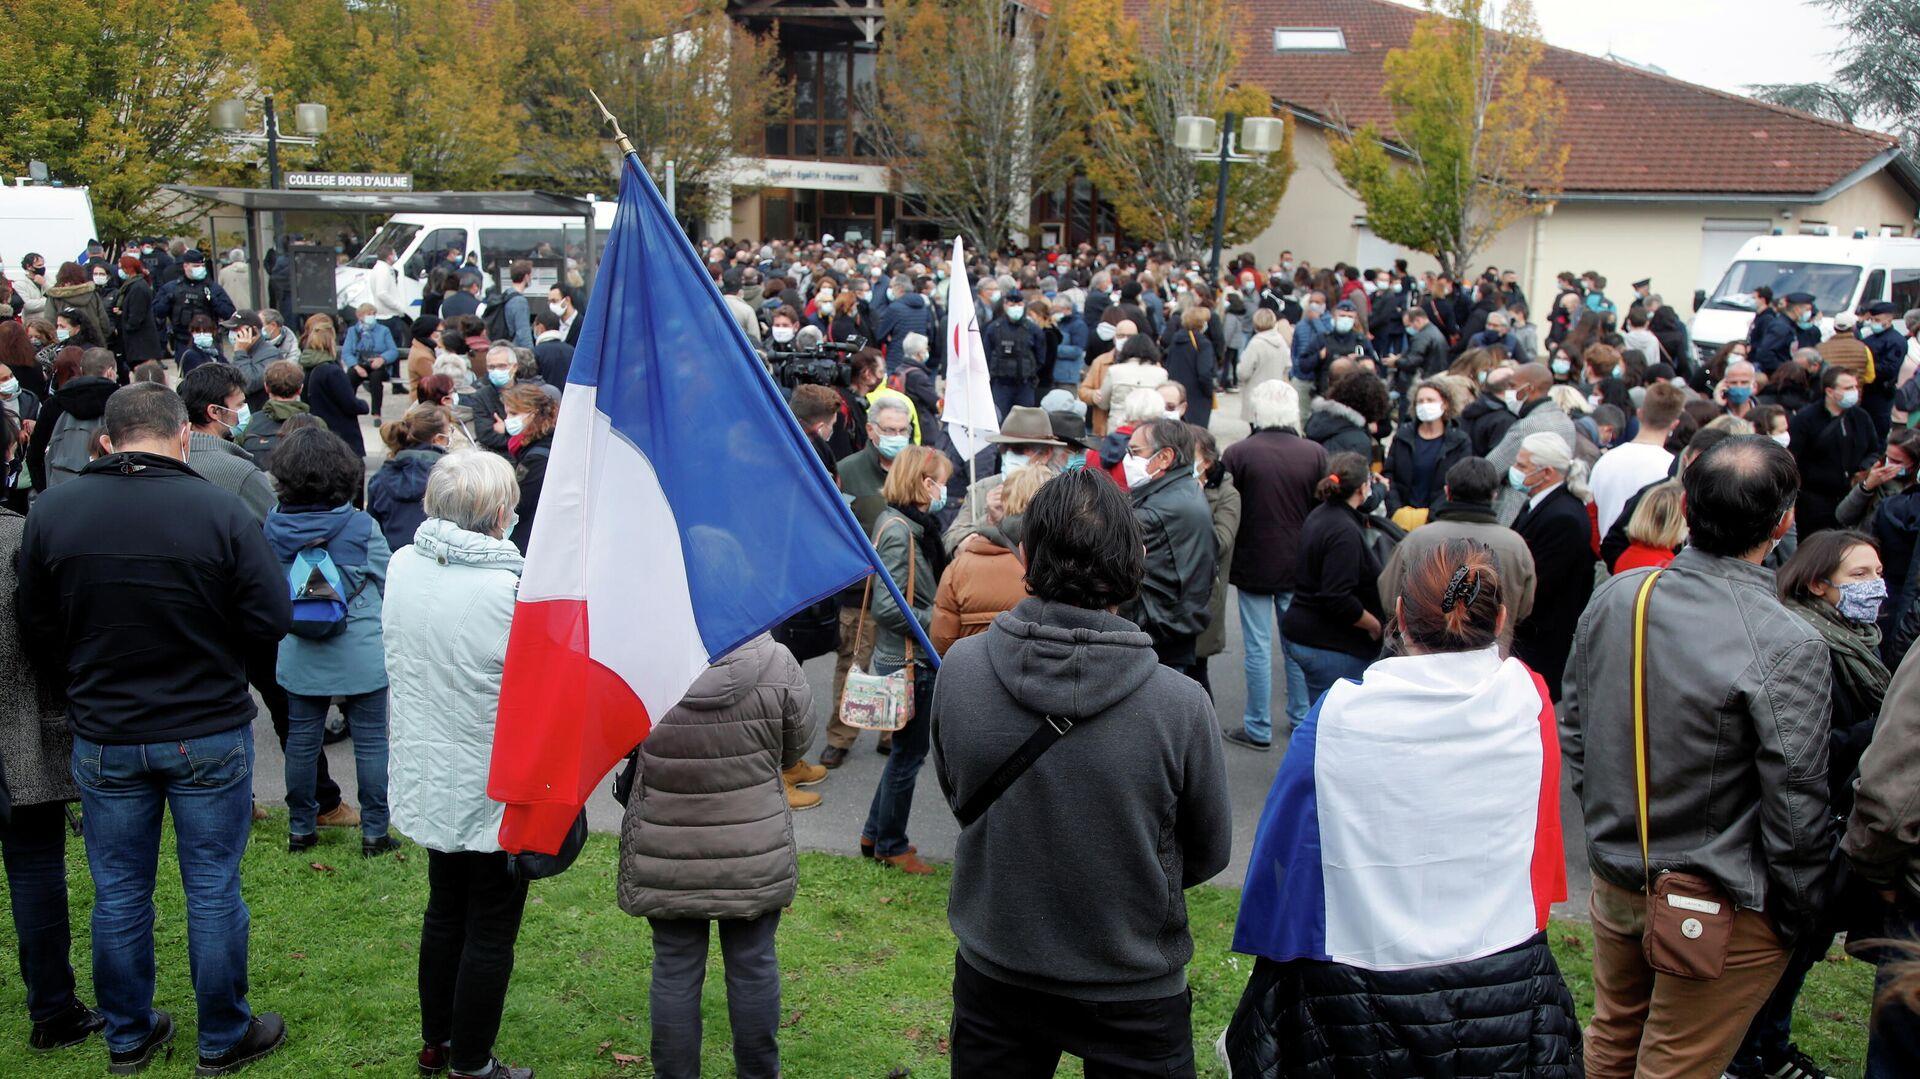 Люди собираются на месте убийства профессора в коммуне Конфлан-Сент-Онорин, Франция - РИА Новости, 1920, 17.10.